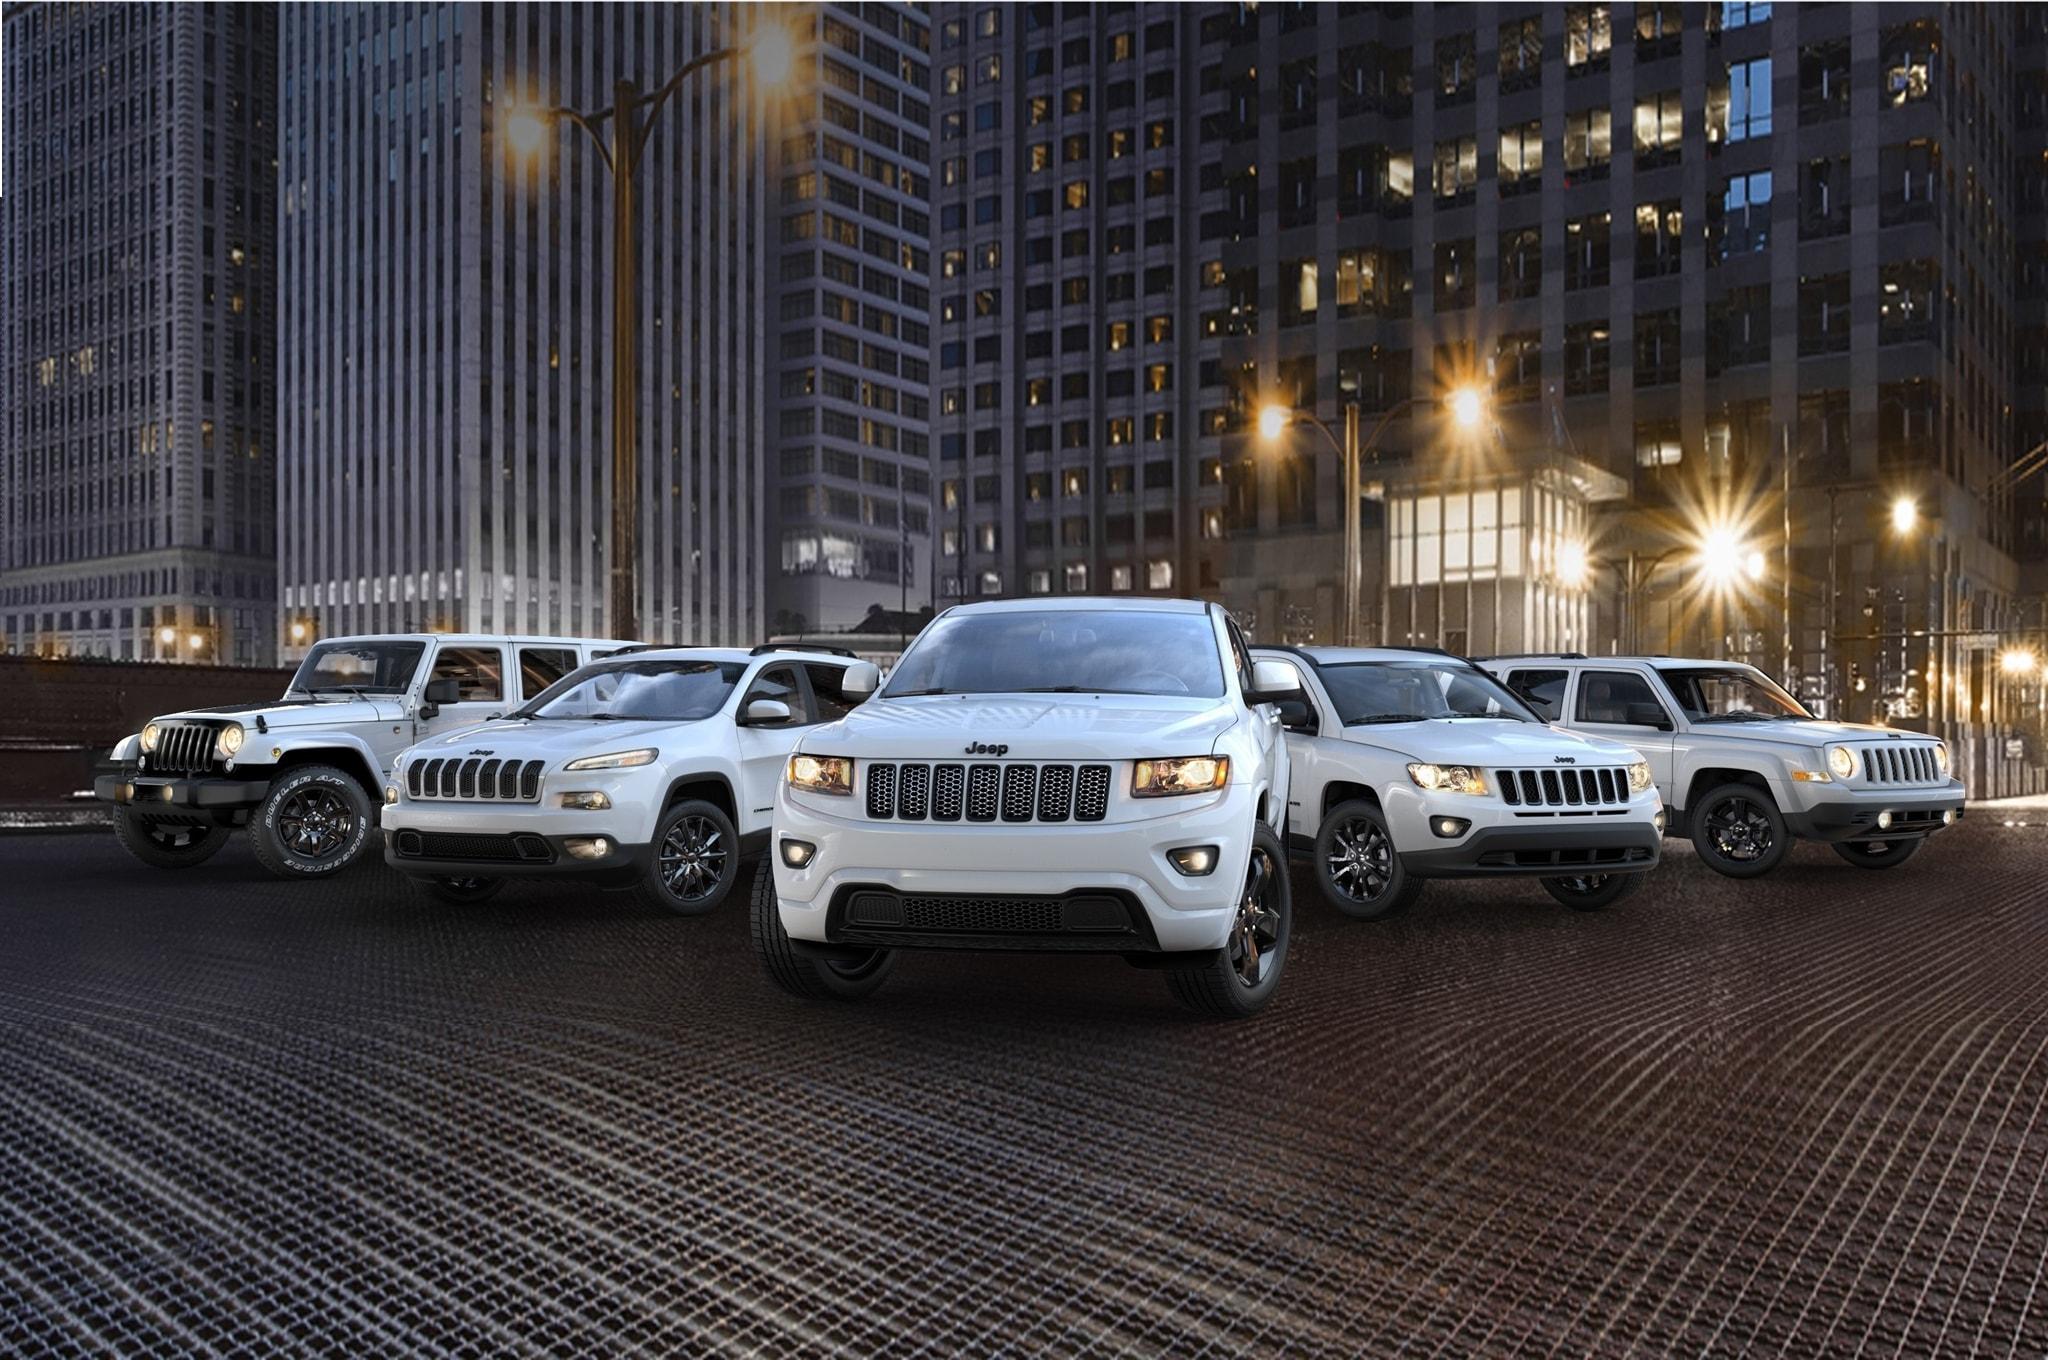 Chrysler Dealer In Ma Blog Metro Chrysler Dodge Jeep RAM - Chrysler dealers in ma